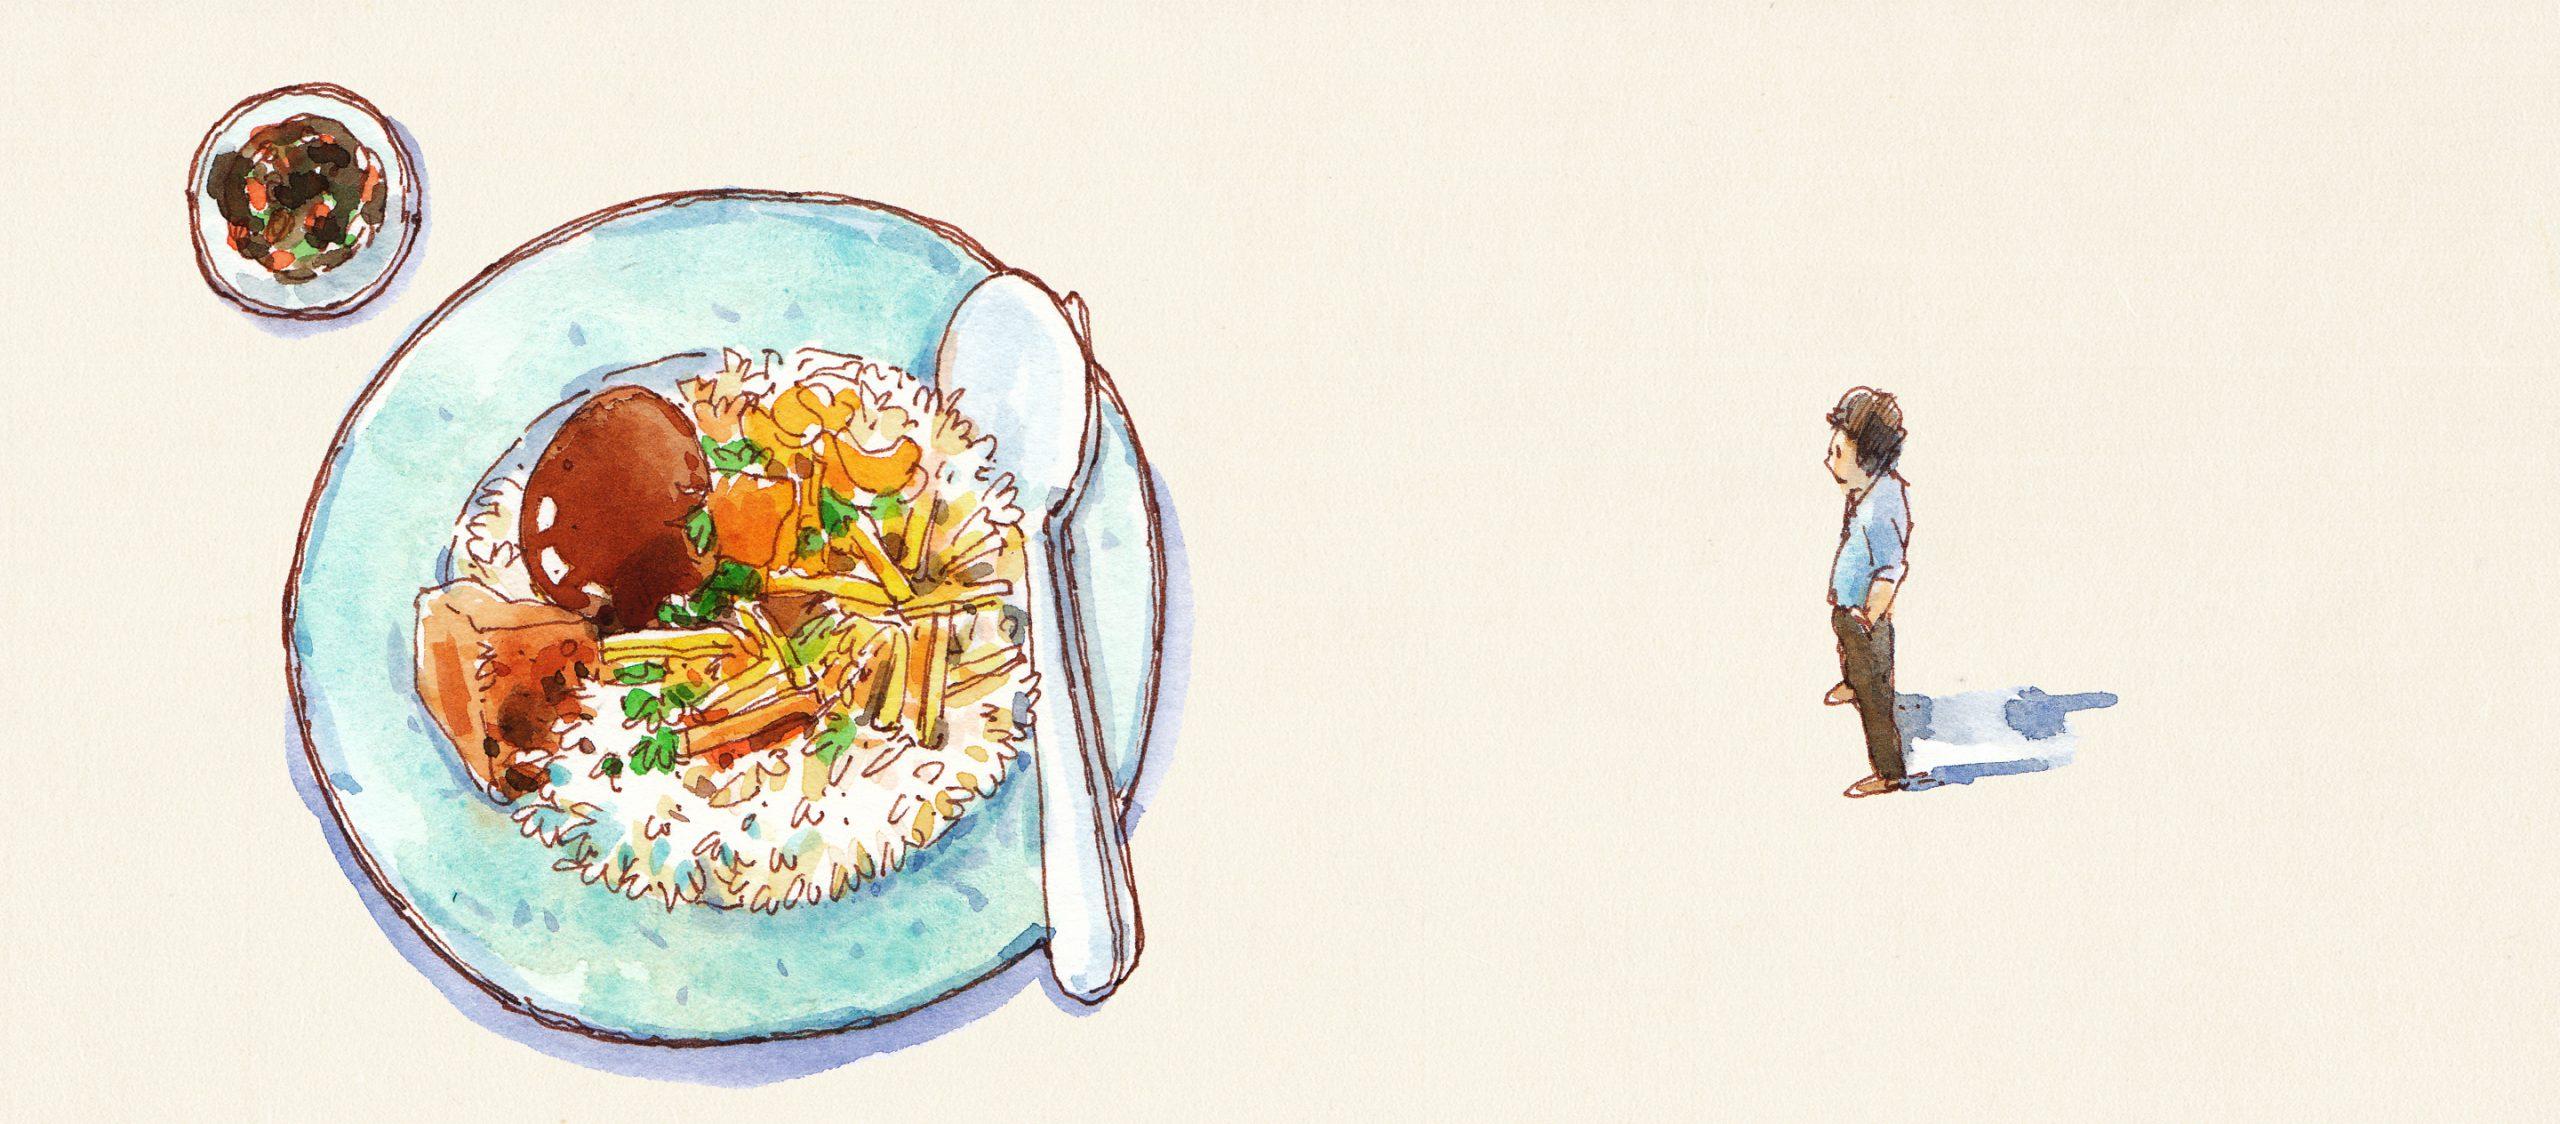 บางทีเราก็มีความสุขกับการได้กินข้าวราดแกงที่ถูกต้อง หรืออาหารผงชูรสเพียบ ประโยชน์ต่ำด้วยใจเบิกบาน